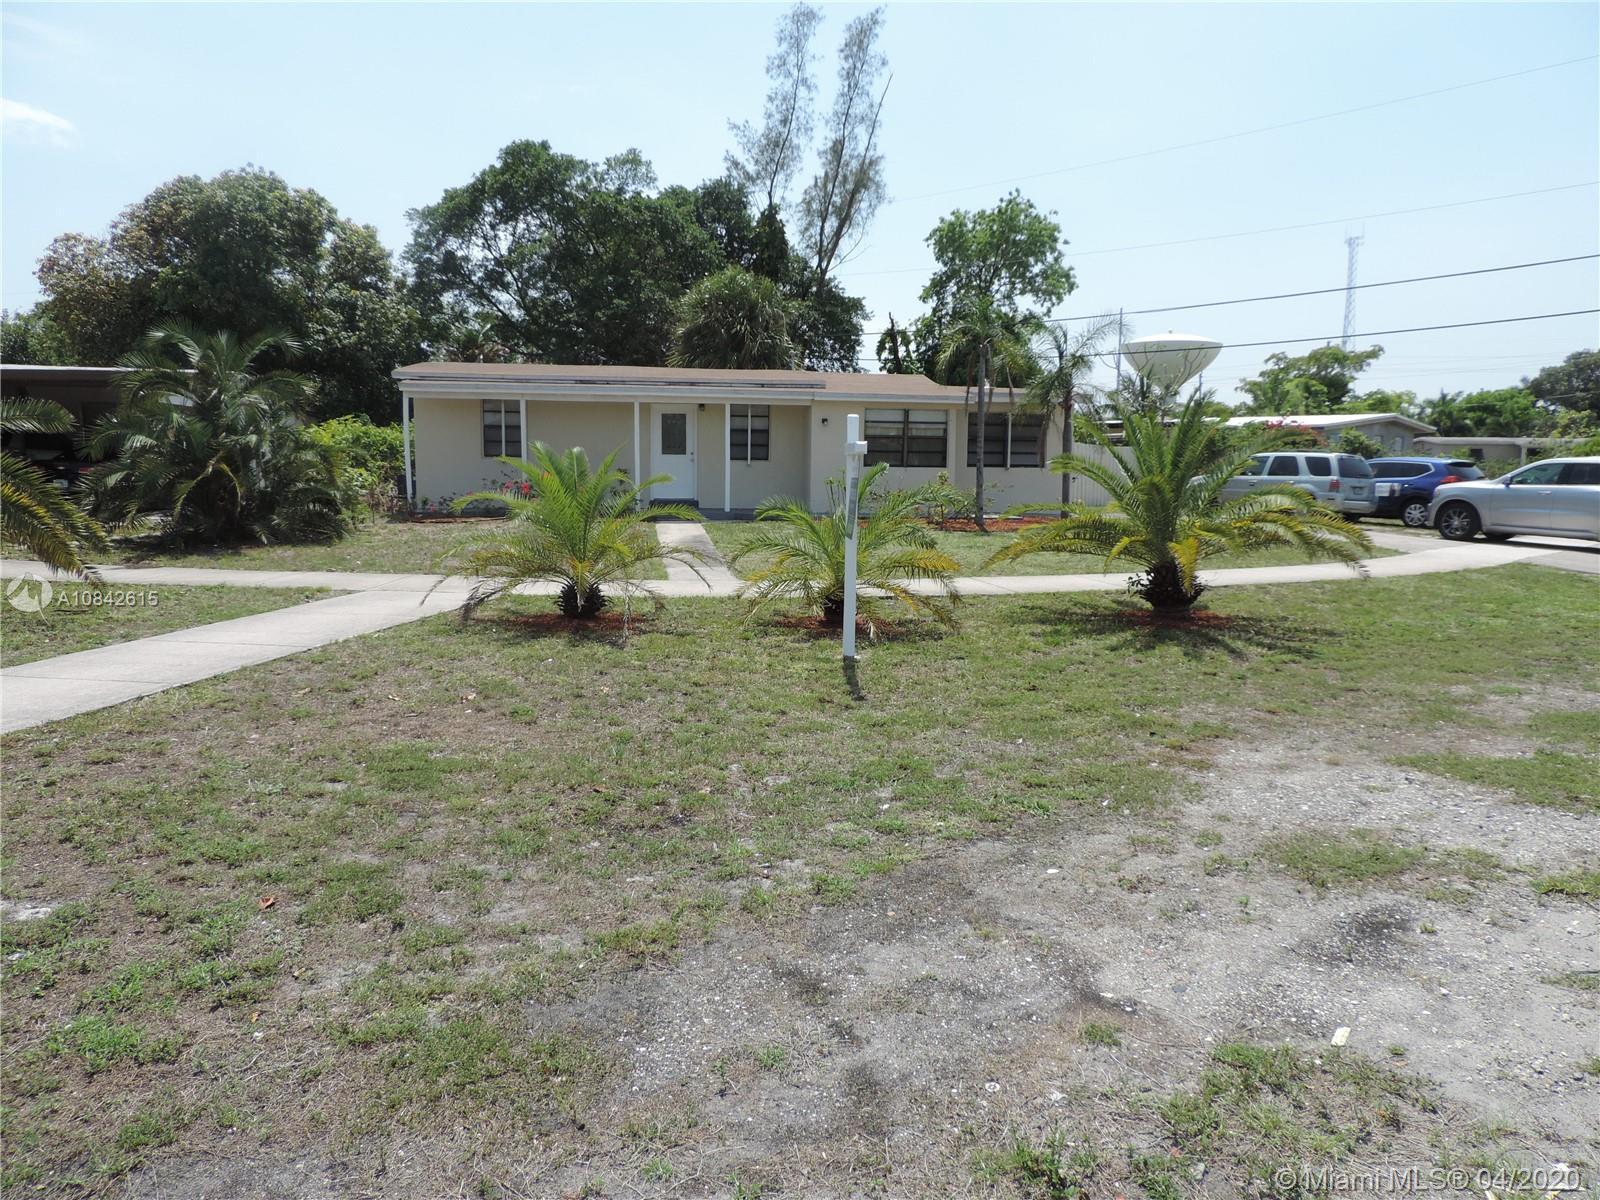 1490 NE 51st St, Pompano Beach, FL 33064 - Pompano Beach, FL real estate listing